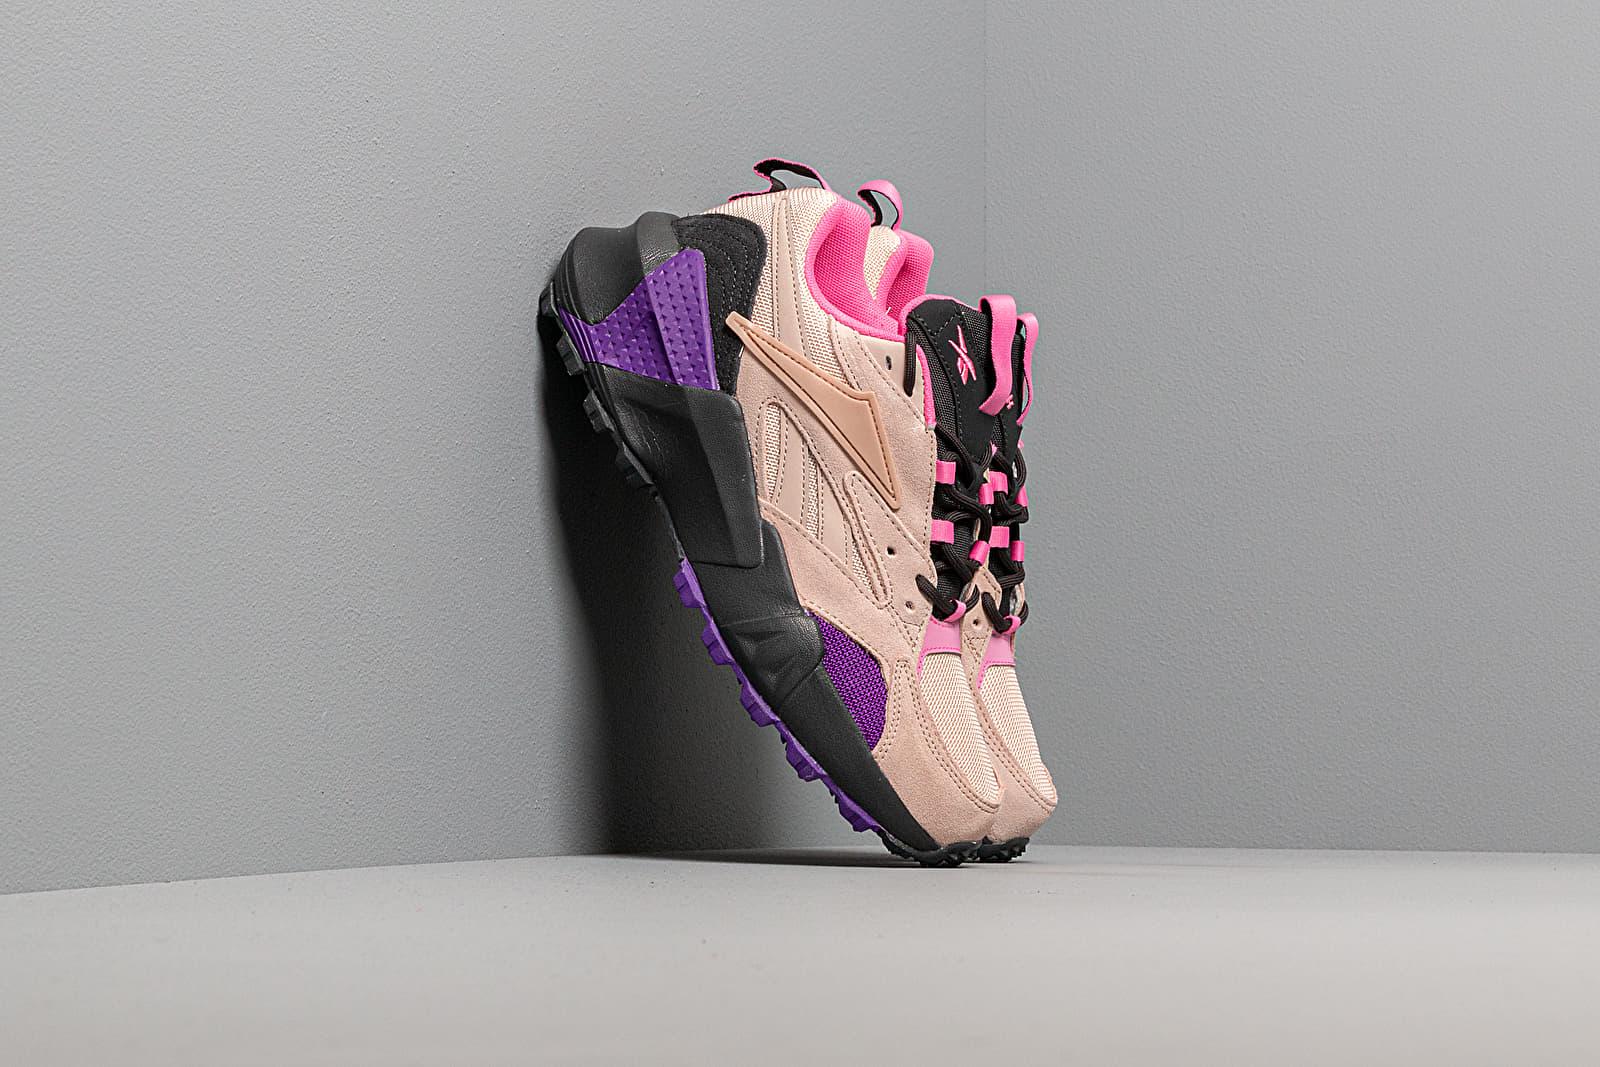 Γυναικεία παπούτσια Reebok Aztrek Double Mix Trail Buff/ Trace Grey 8/ Regular Purple